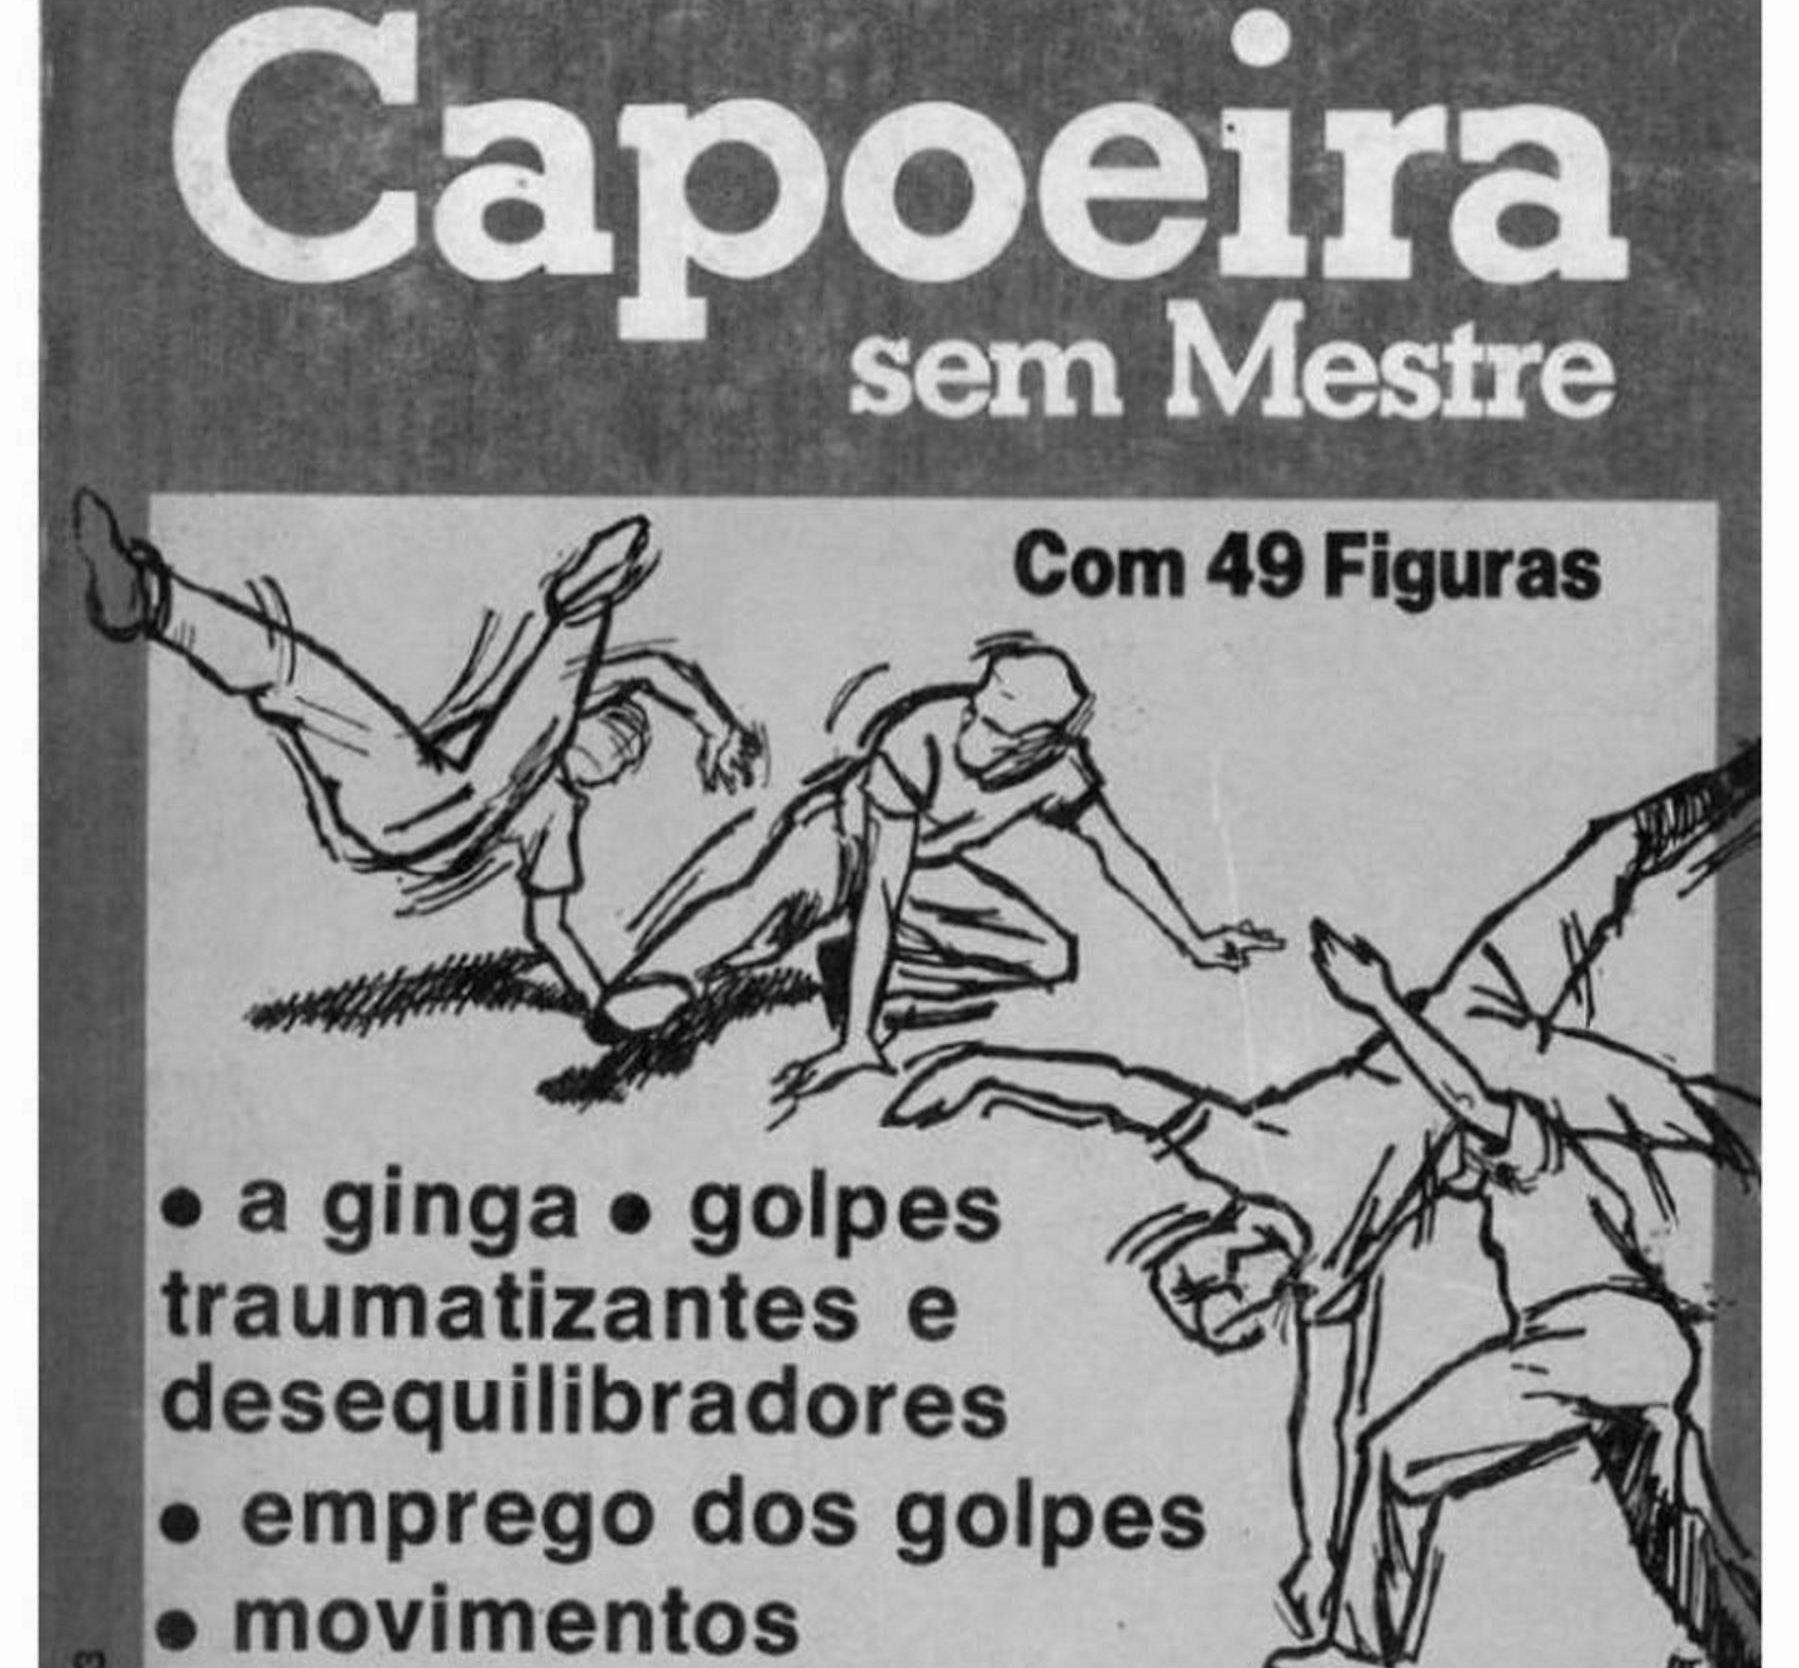 Capoeira sem mestre